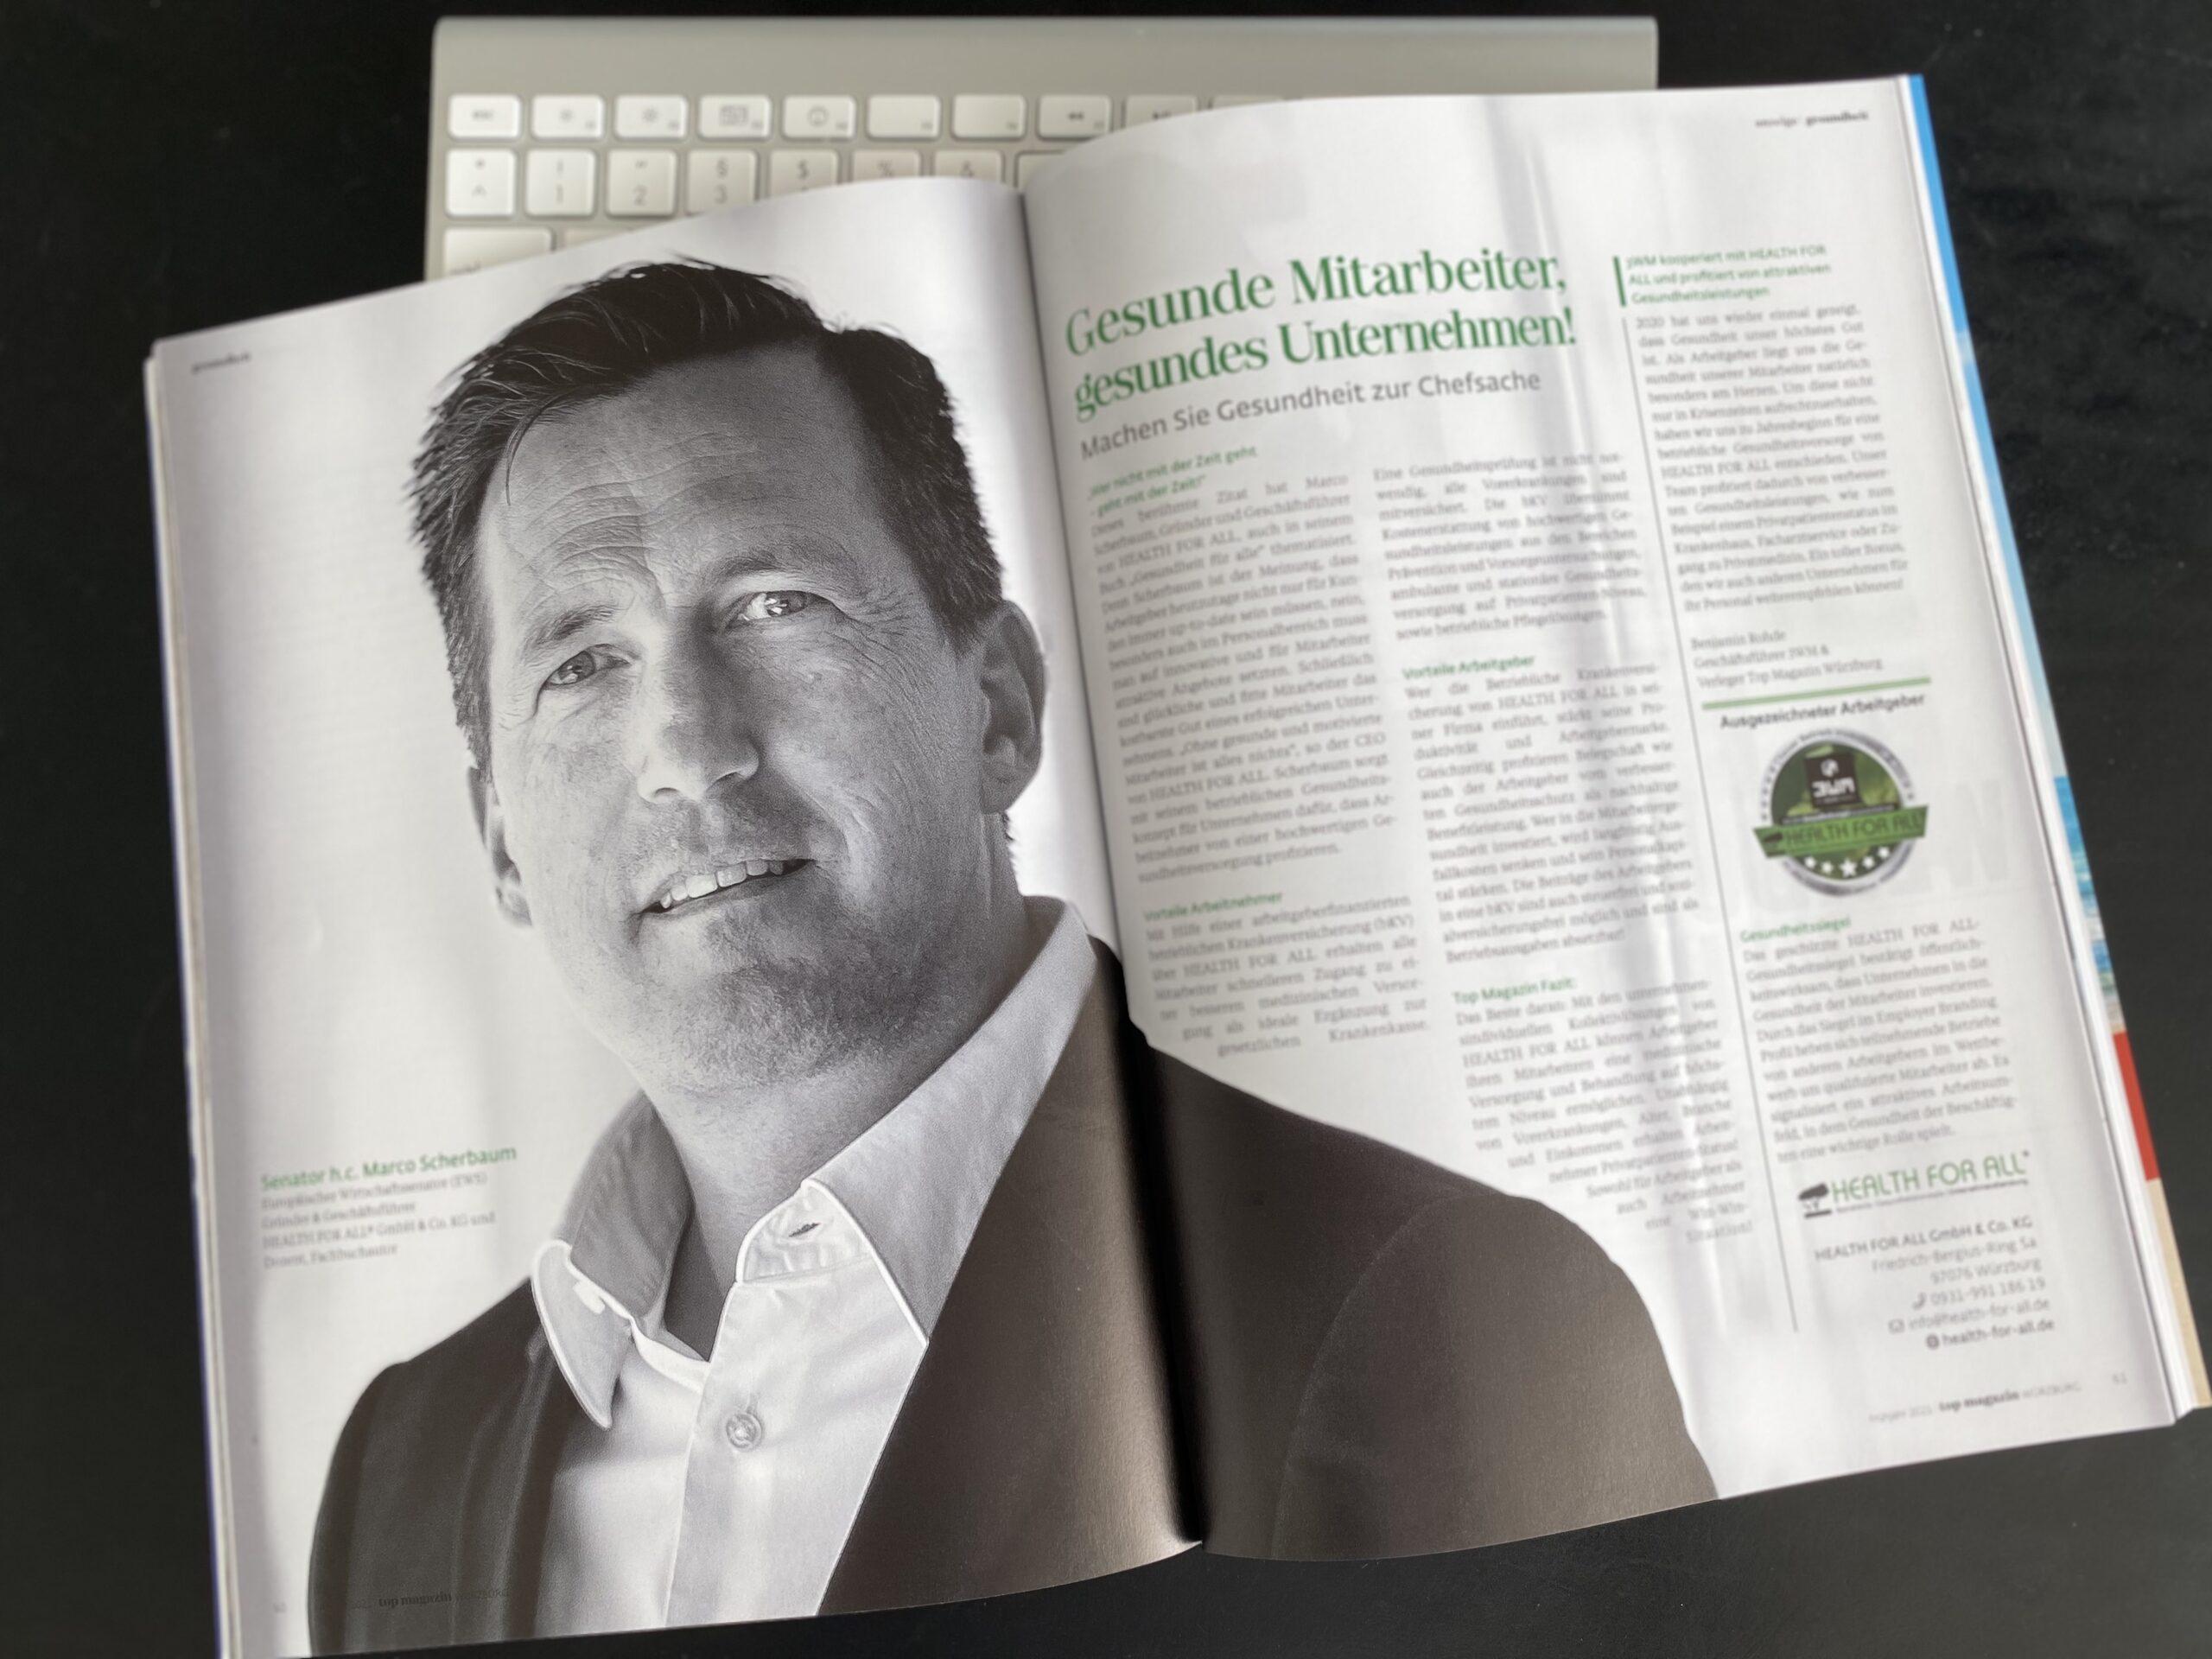 Top Magazin Seite 60/61 HEALTH FOR ALL betriebliche Krankenversicherung bKV Senator h.c. Marco Scherbaum